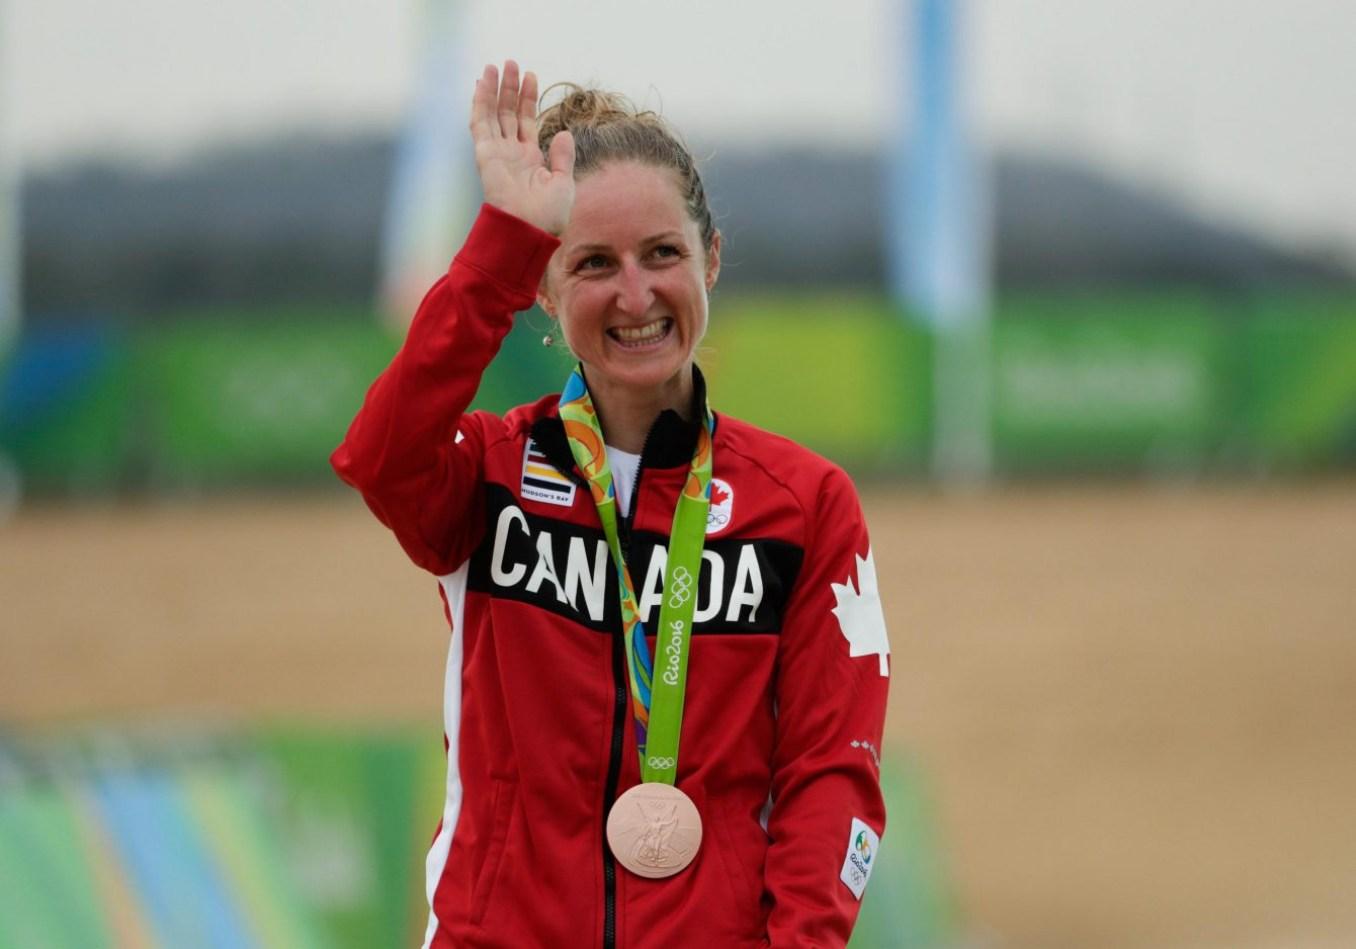 Une médaille de bronze bien méritée pour Catharine Pendrel (COC Photo/David Jackson).